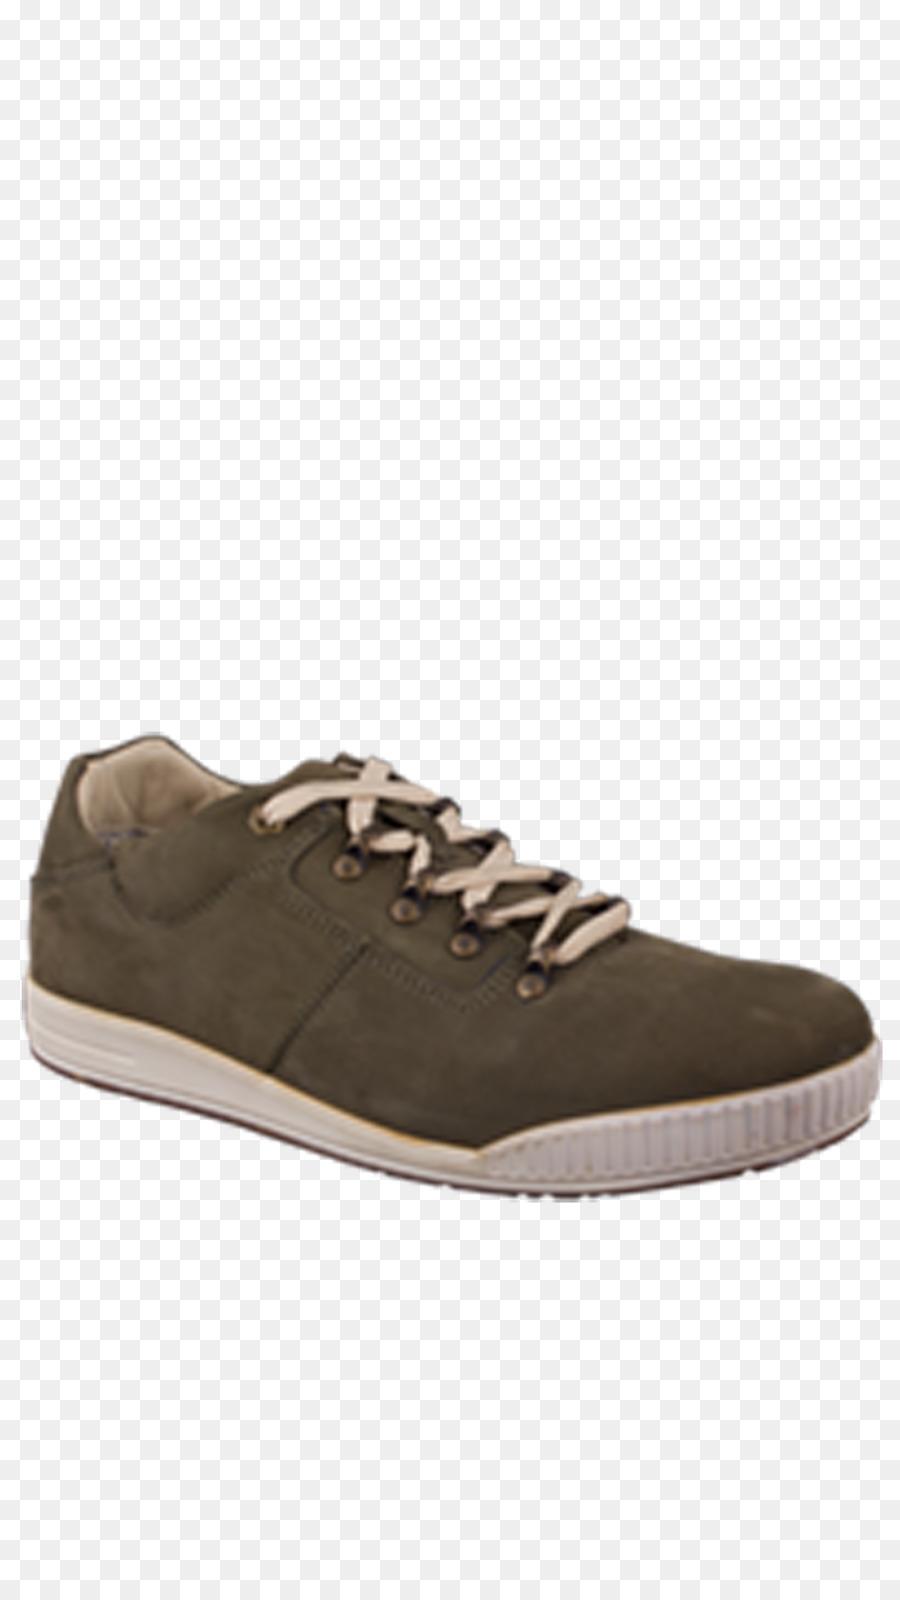 276995df7ded Sport Schuhe Grün Freizeitkleidung Online-shopping - olive grünes Kleid  Schuhe für Frauen